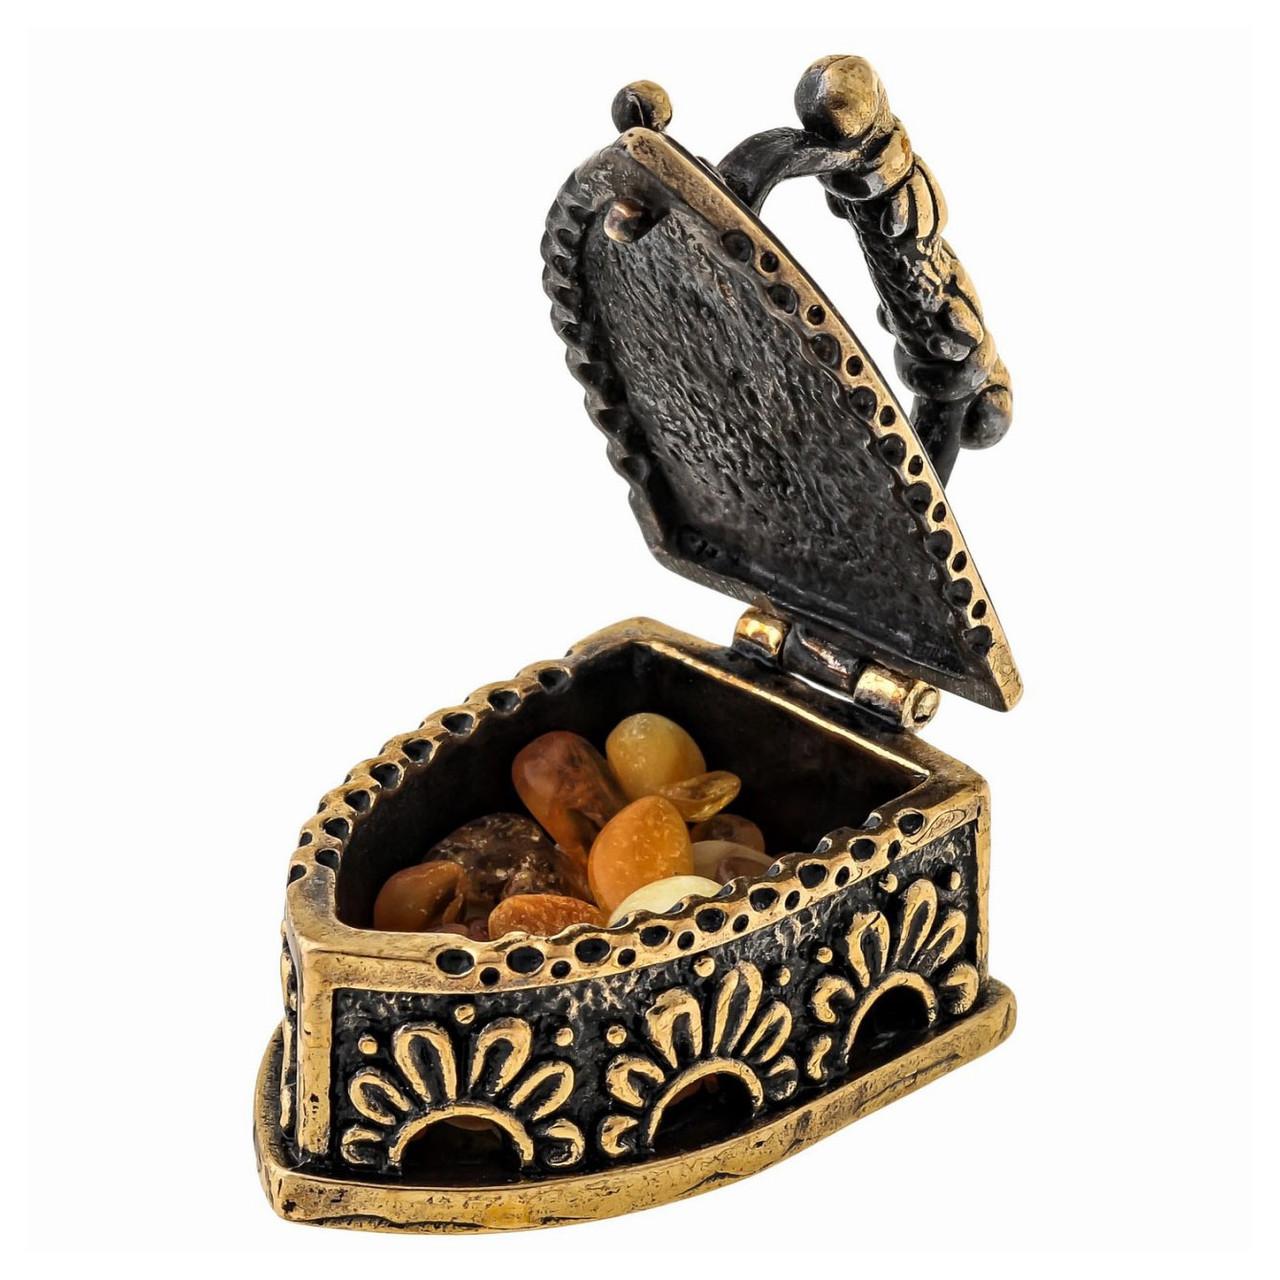 Фигурка с янтарем бронзовая Утюг с галечкой